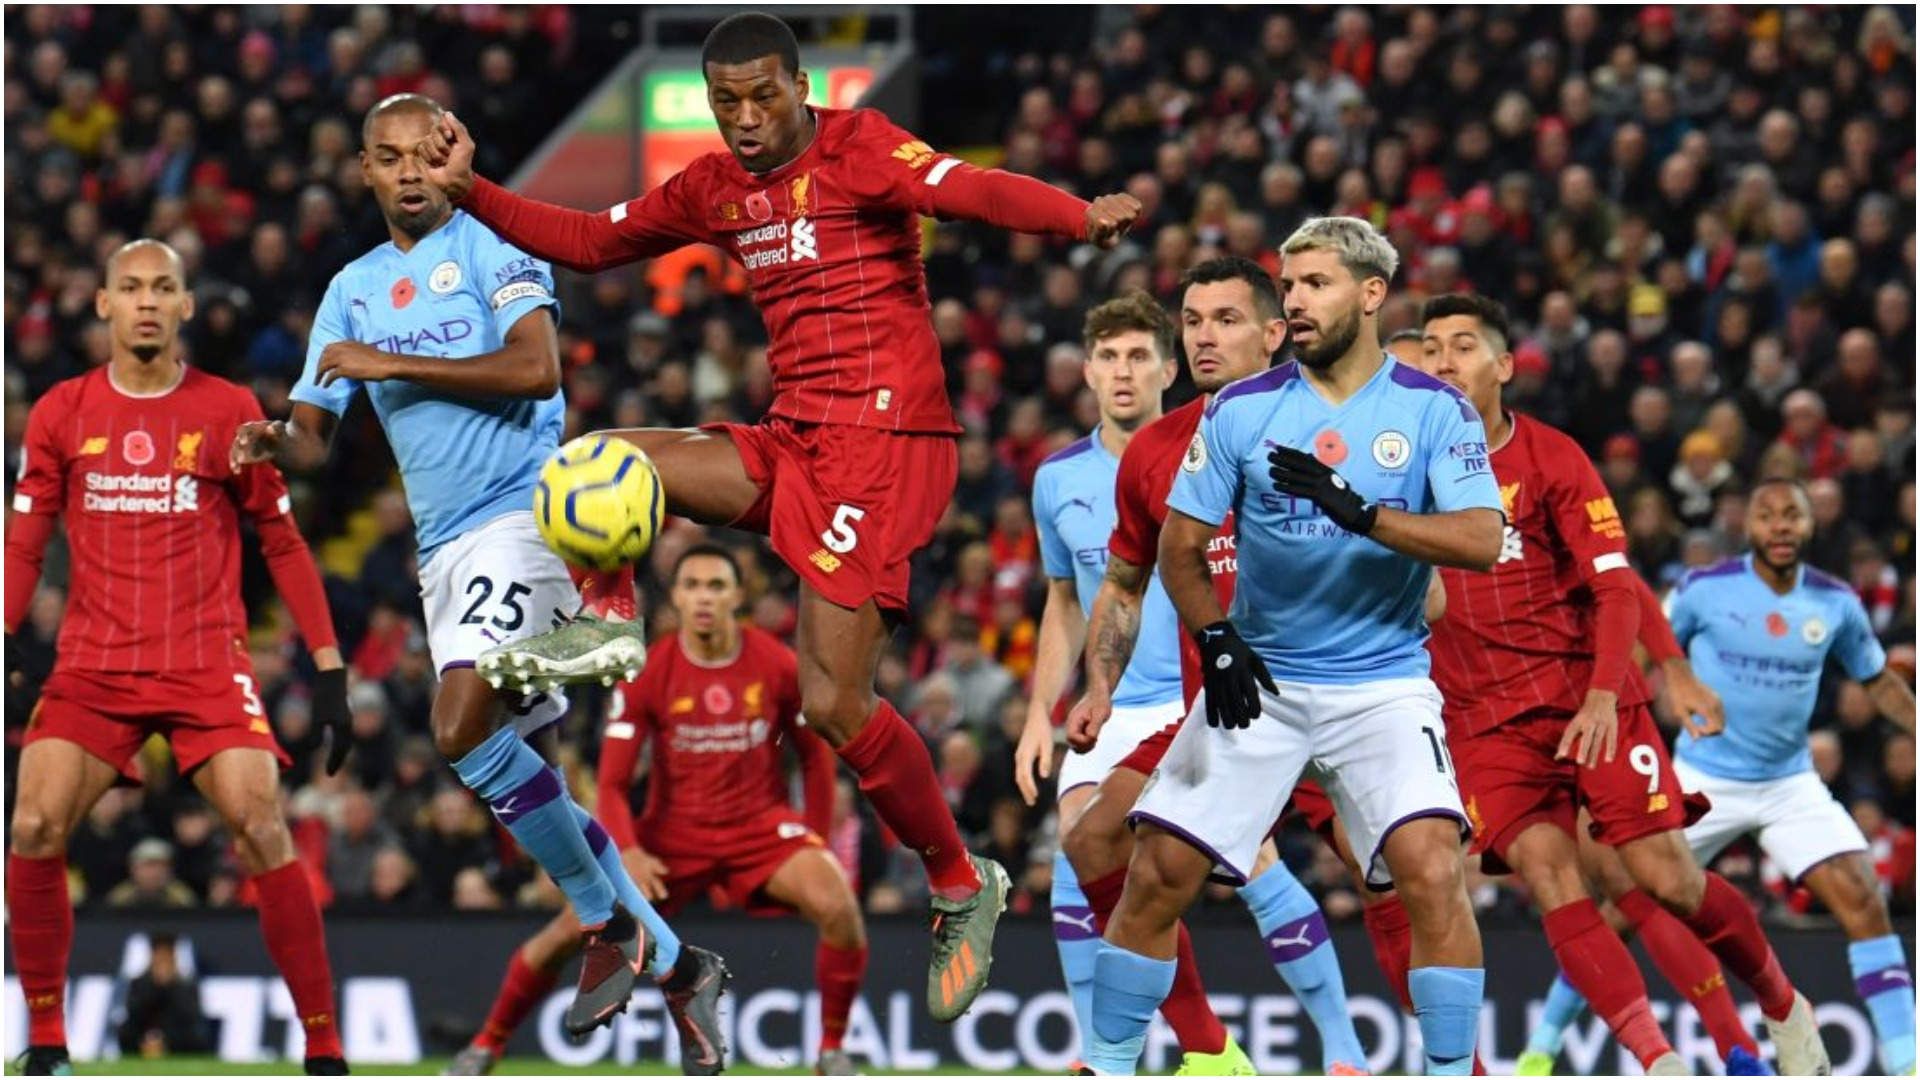 Futbolli në Angli drejt rikthimit, skuadrat marrin lajmin që prisnin